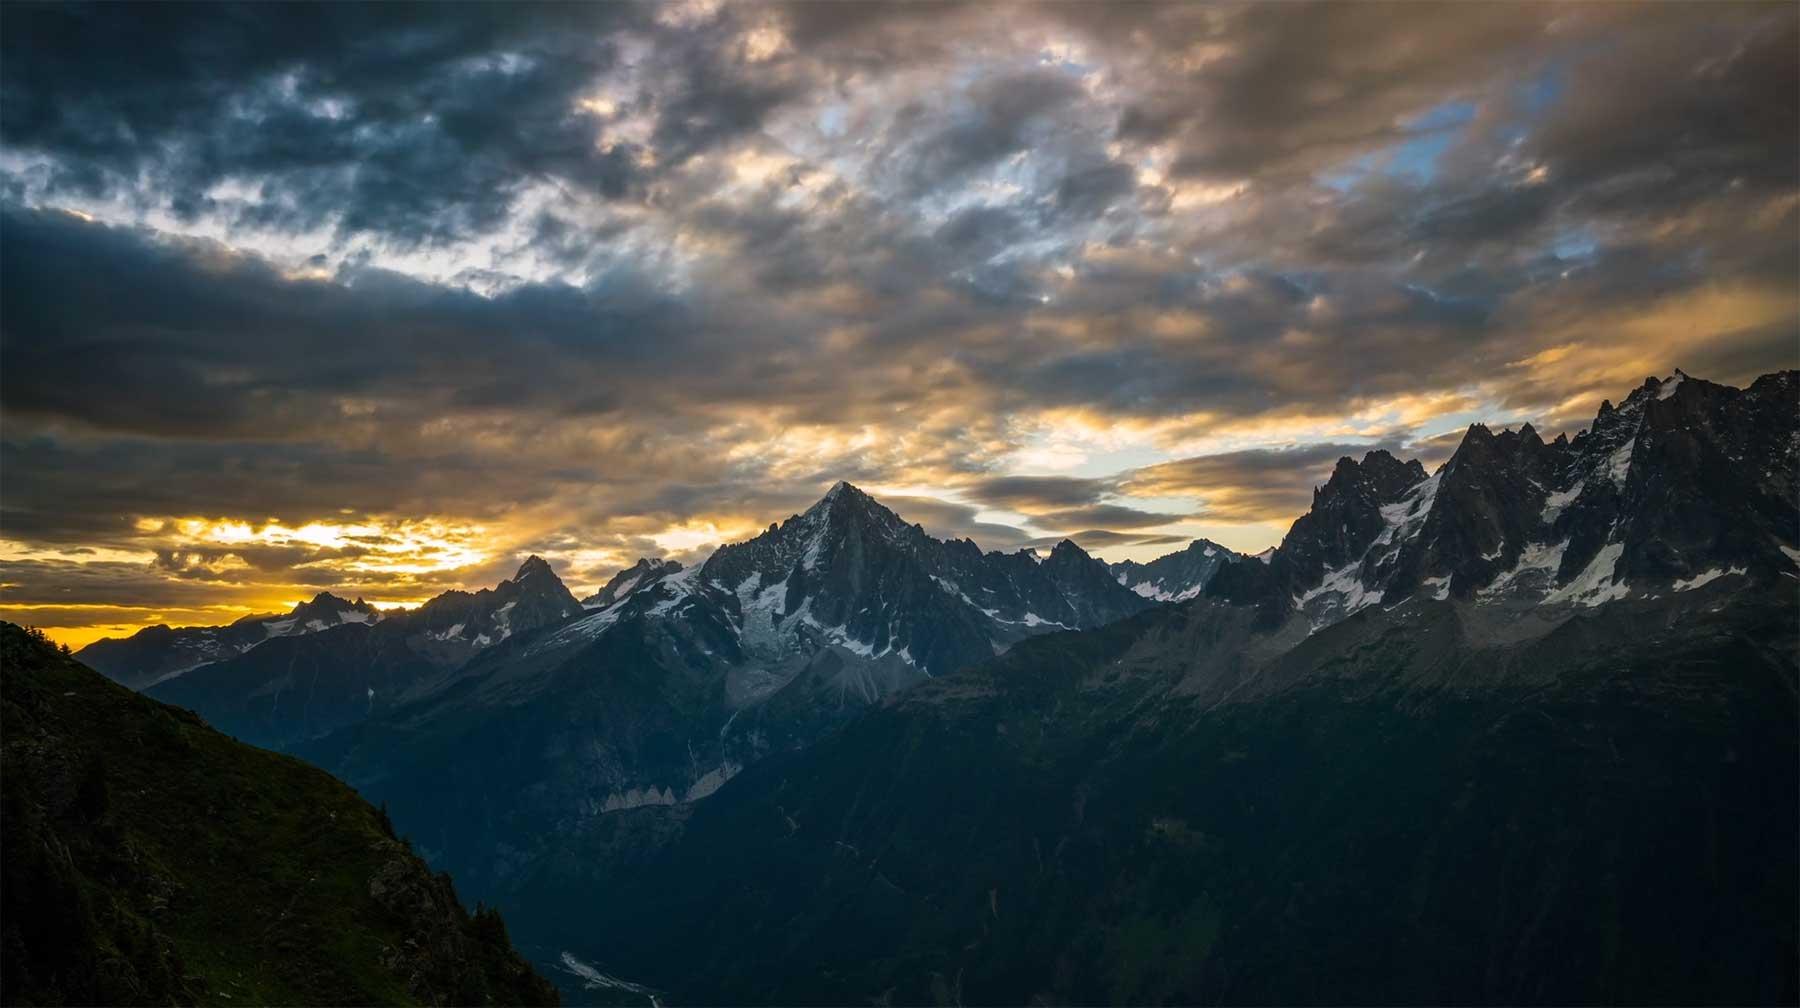 Epische Berglandschafts-Aufnahmen Summits-Enrique-Pacheco